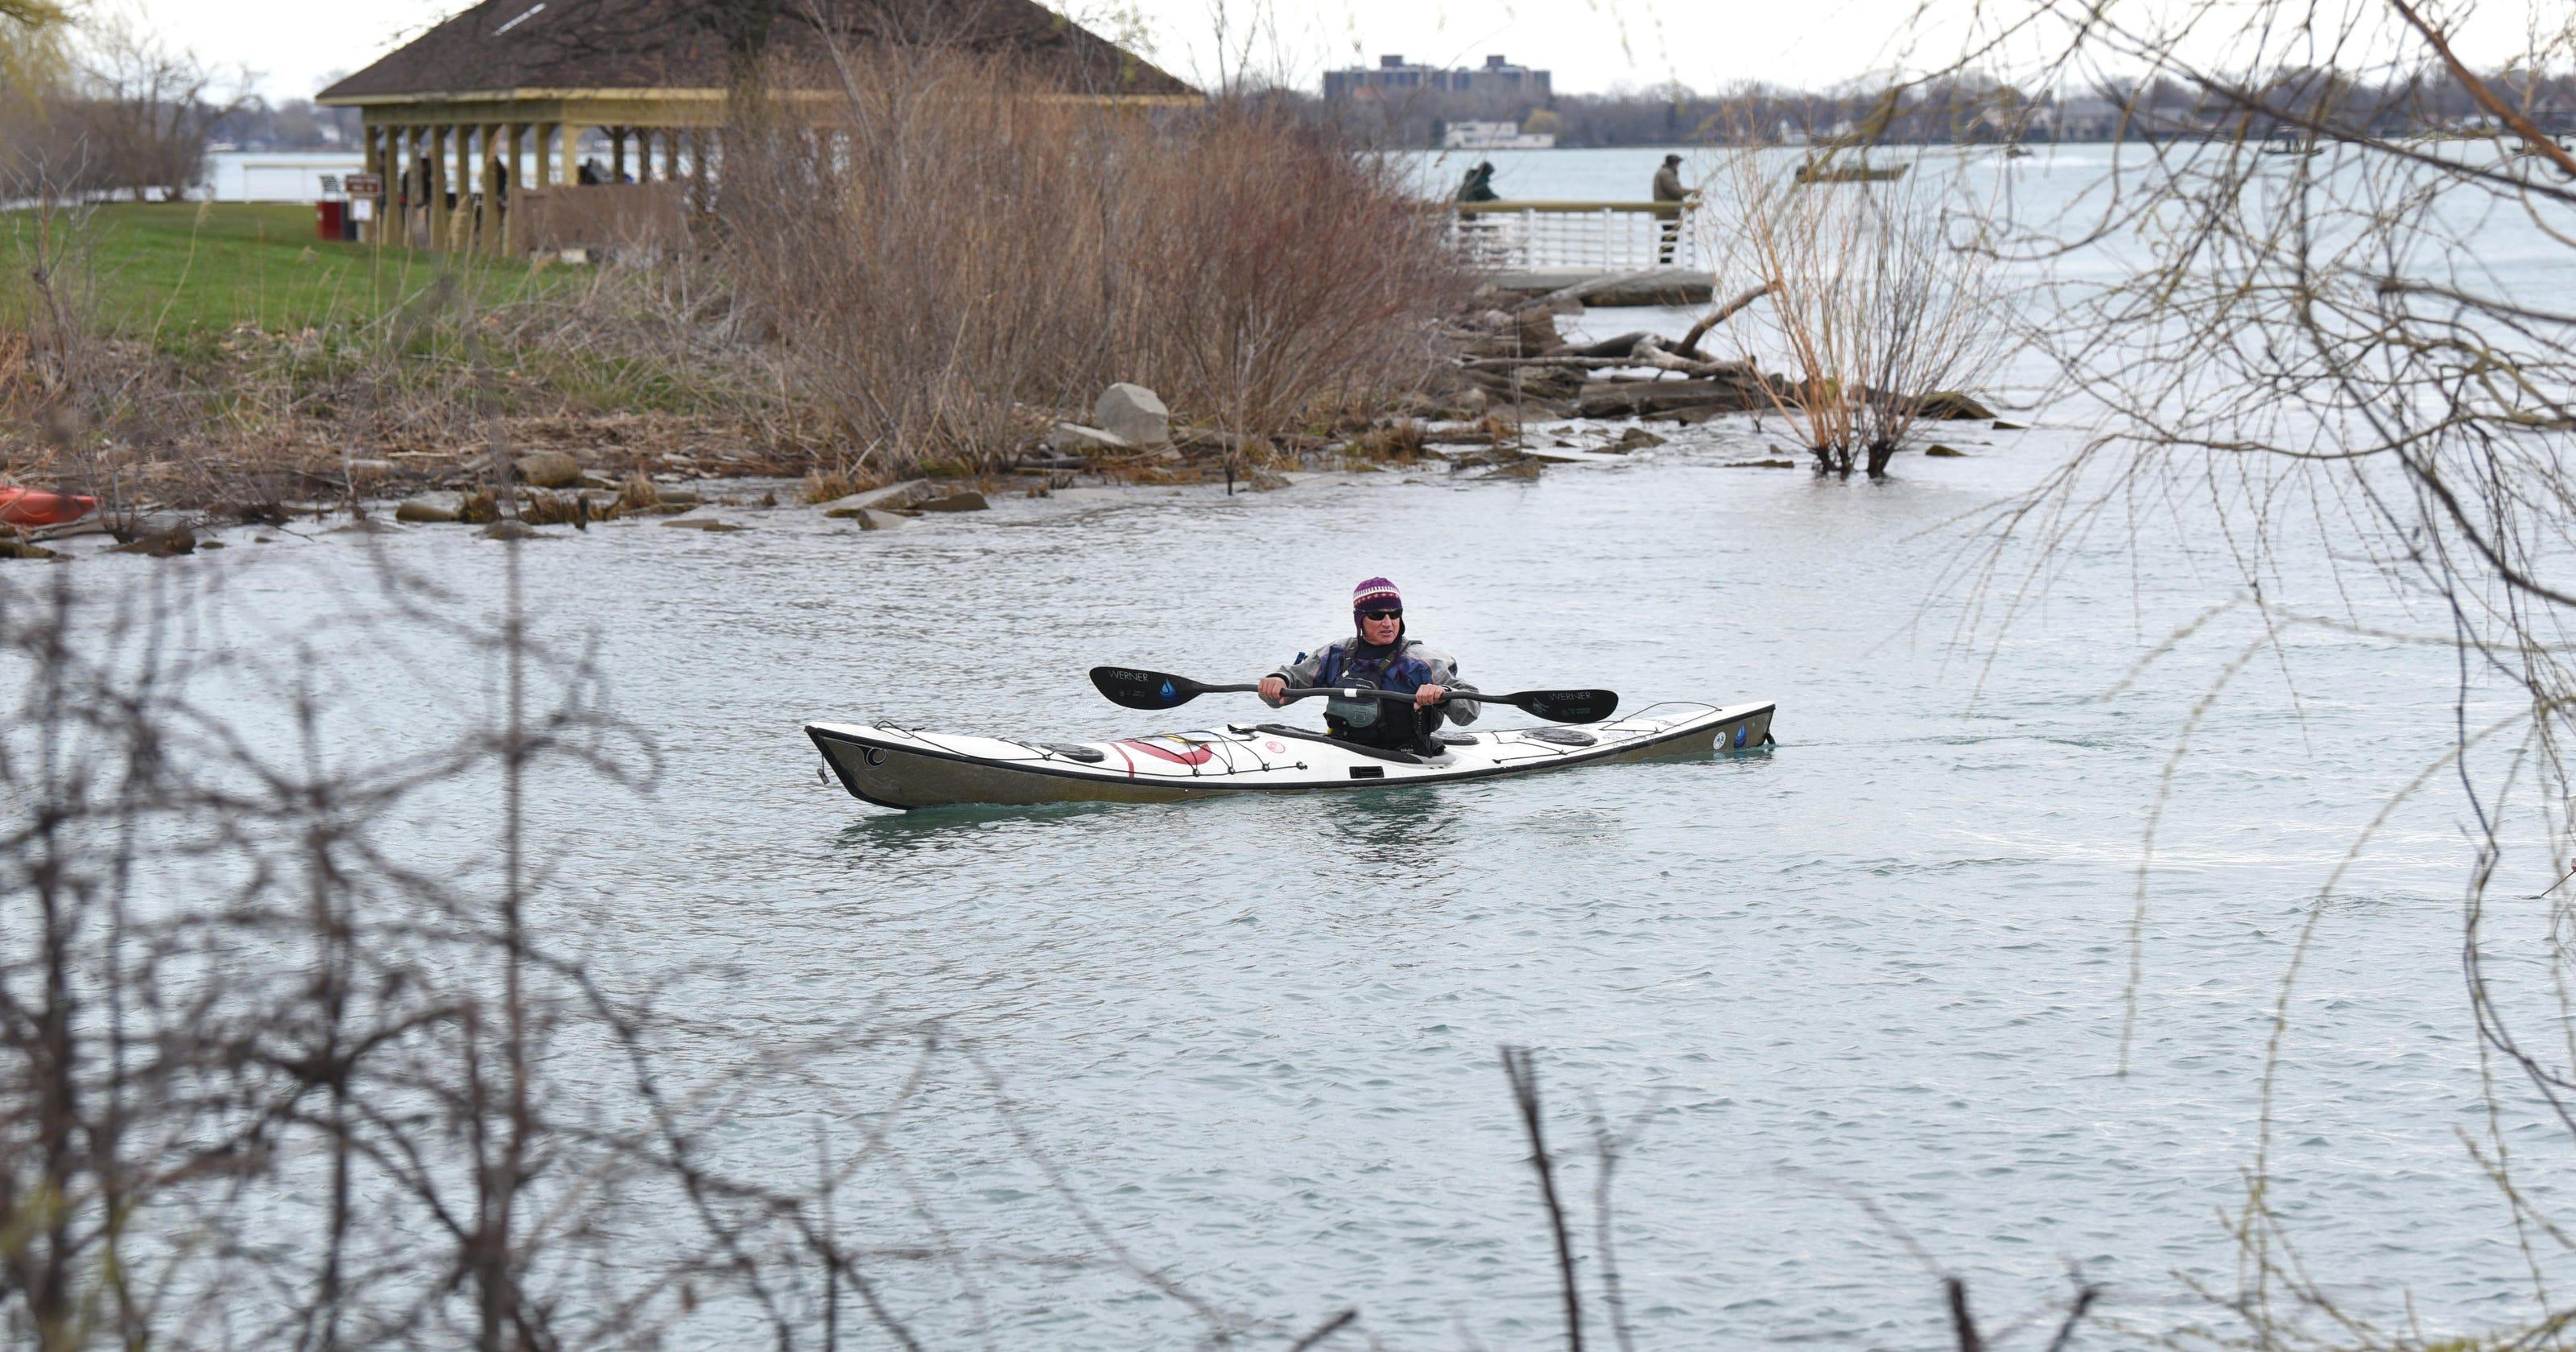 Debate on kayak, canoe registration makes waves in Michigan